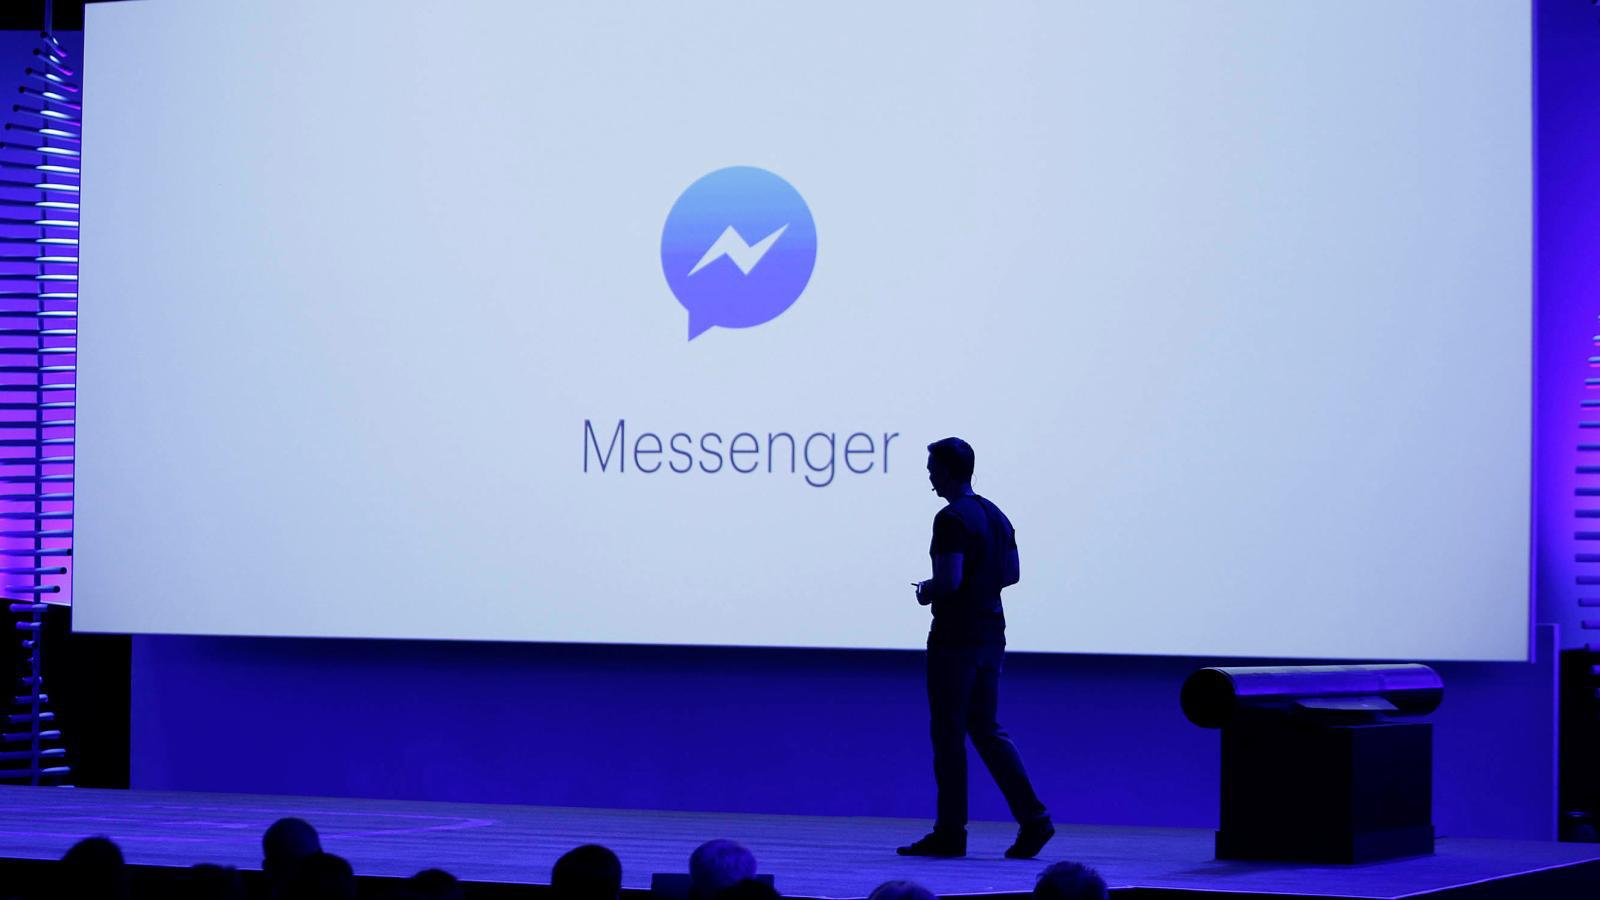 Facebook đưa ra 2 dịch vụ mới để chung tay cùng cộng đồng chống virus corona - Ảnh 1.